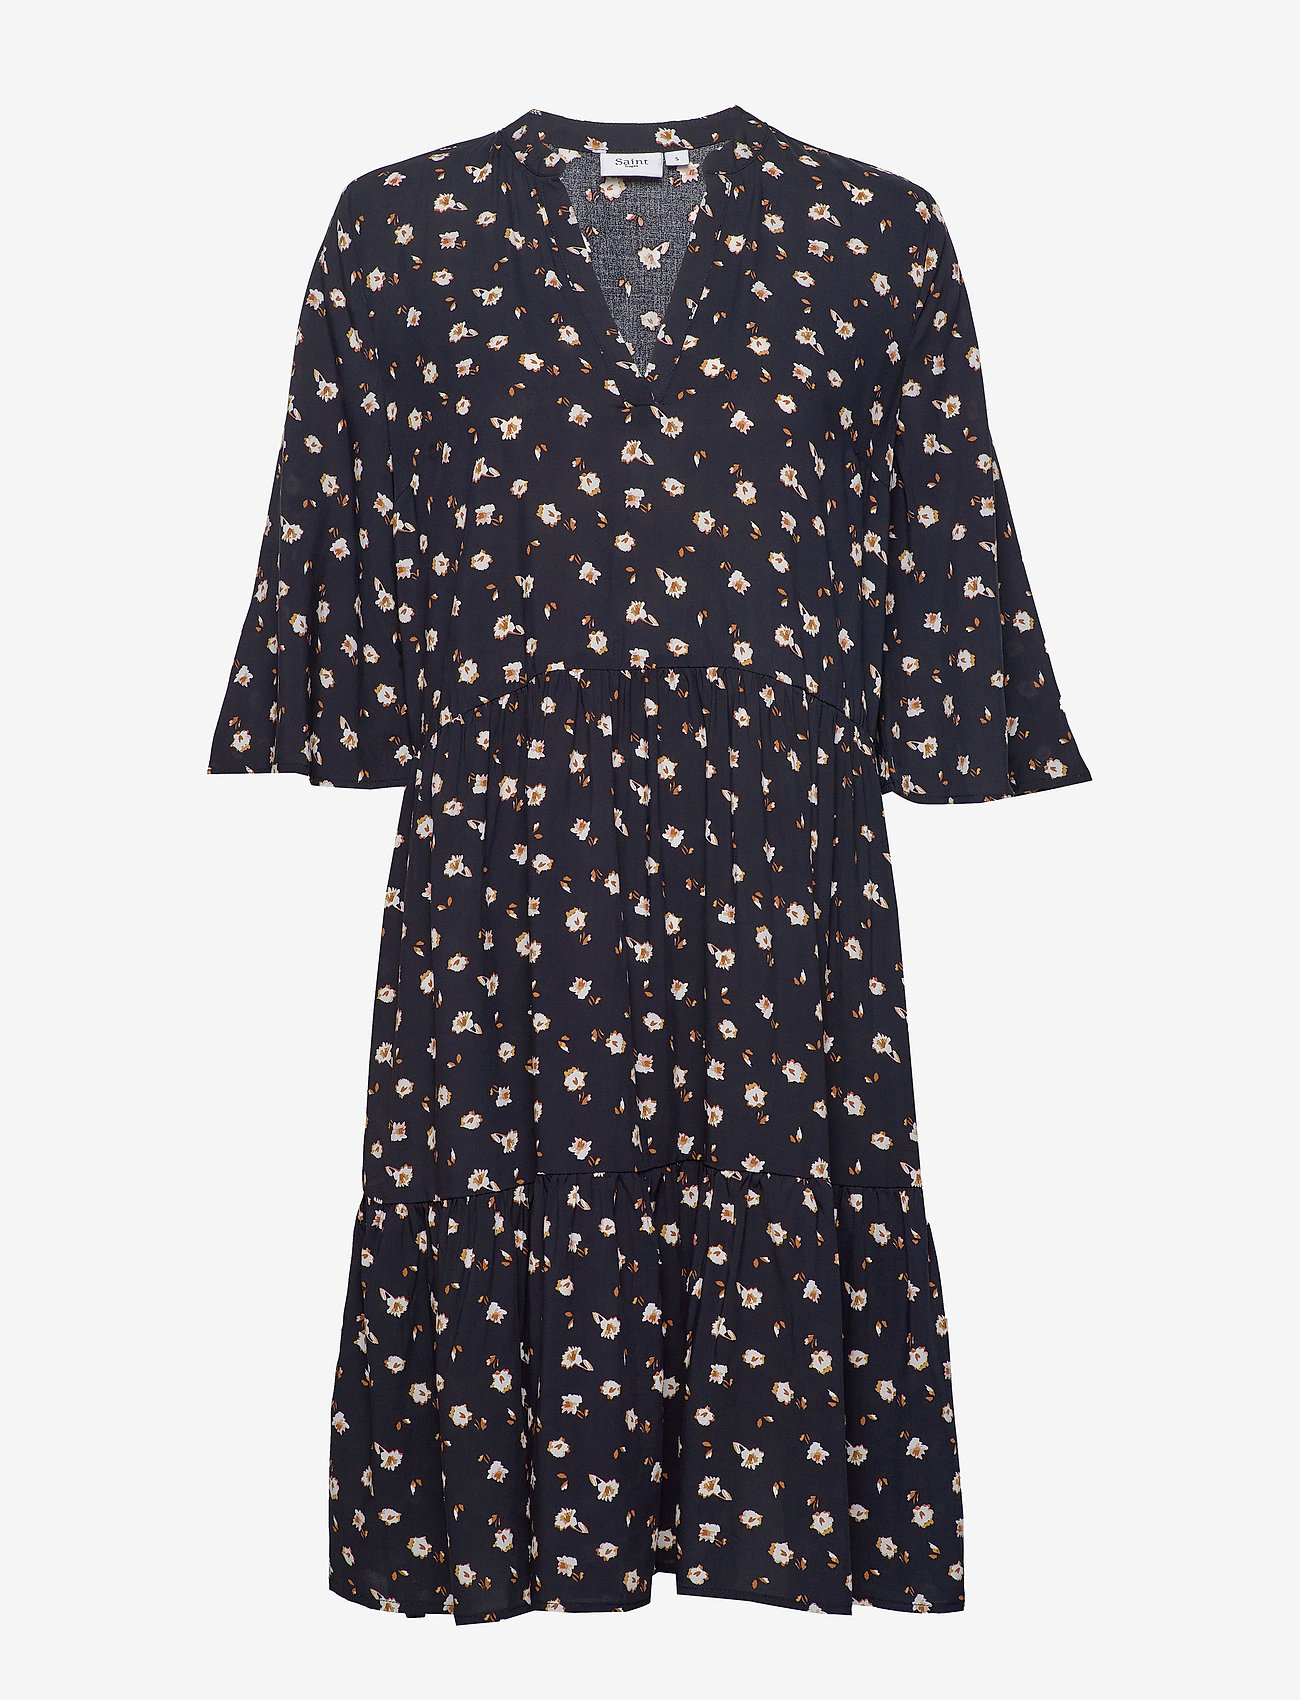 Bellissz Dress (Farm F. Blue Deep) - Saint Tropez rkf9qD